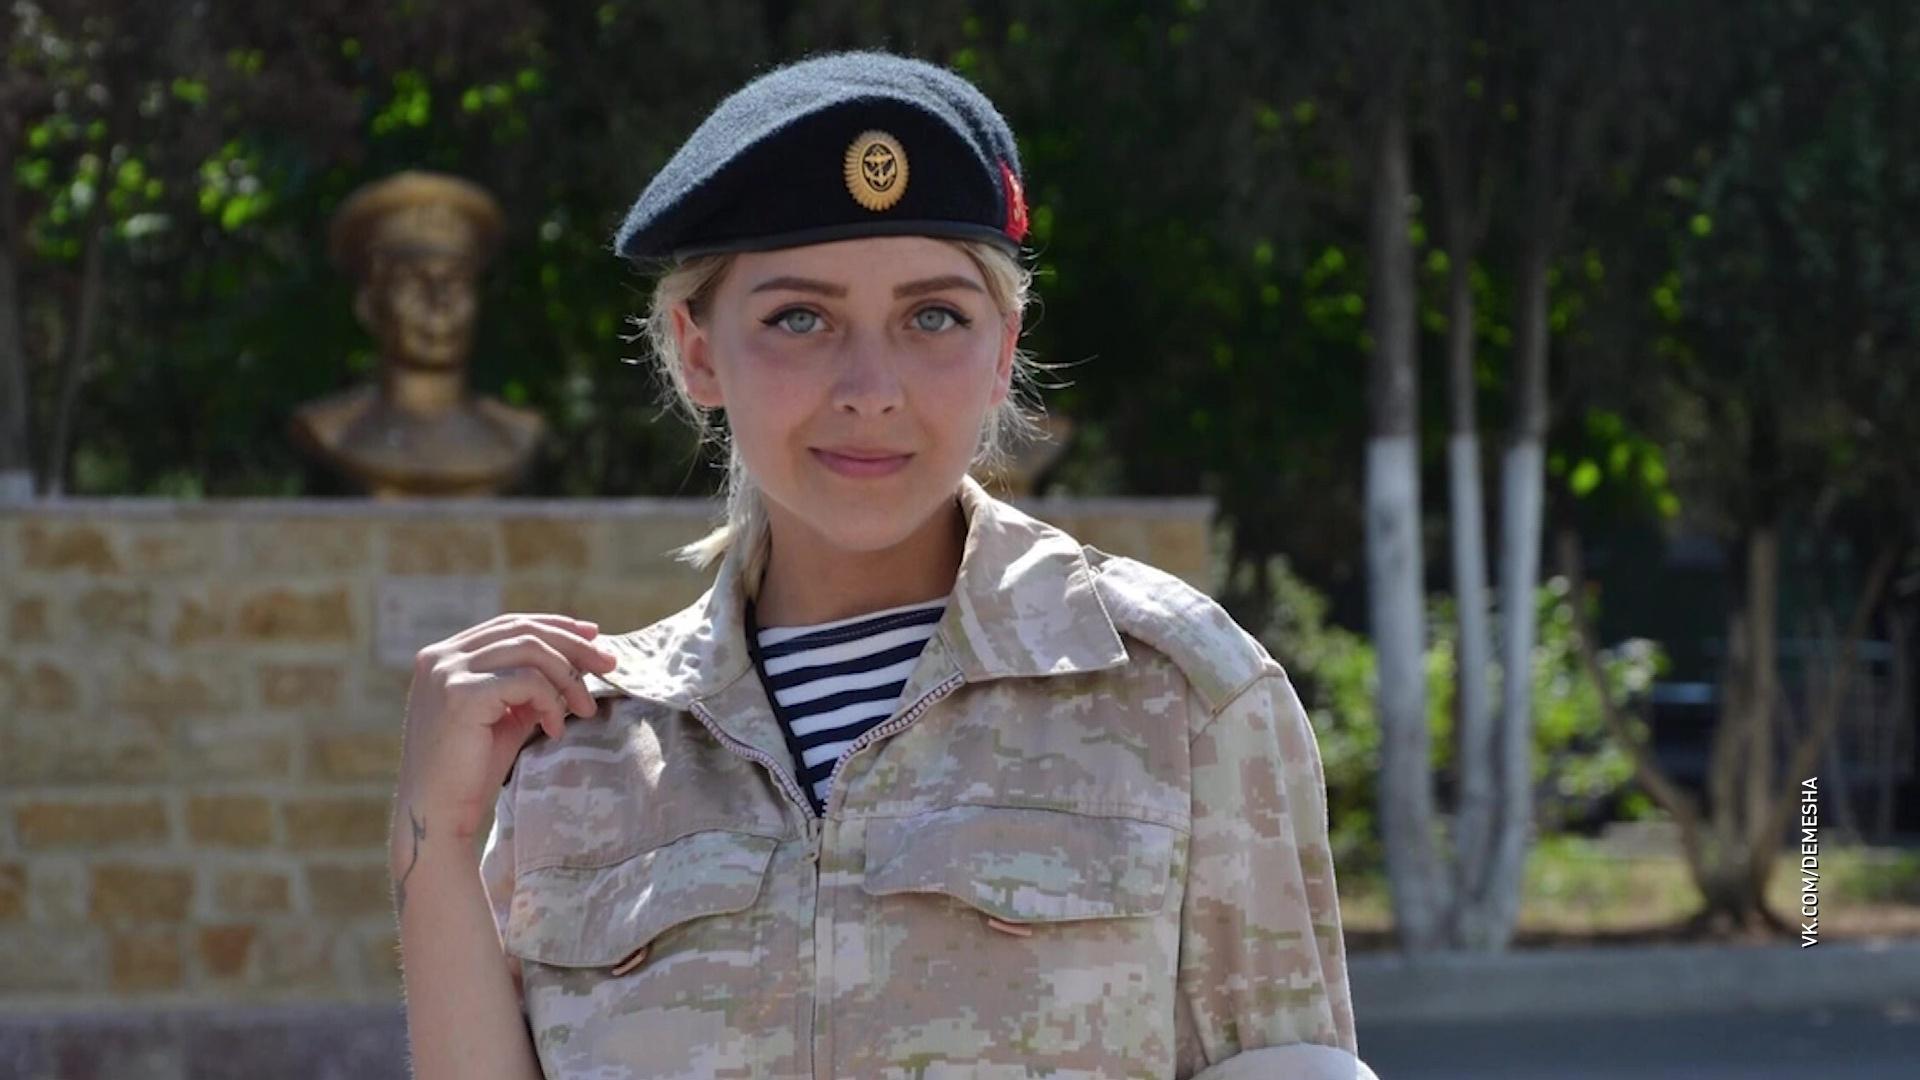 Ярославна продала бизнес и ушла в армию